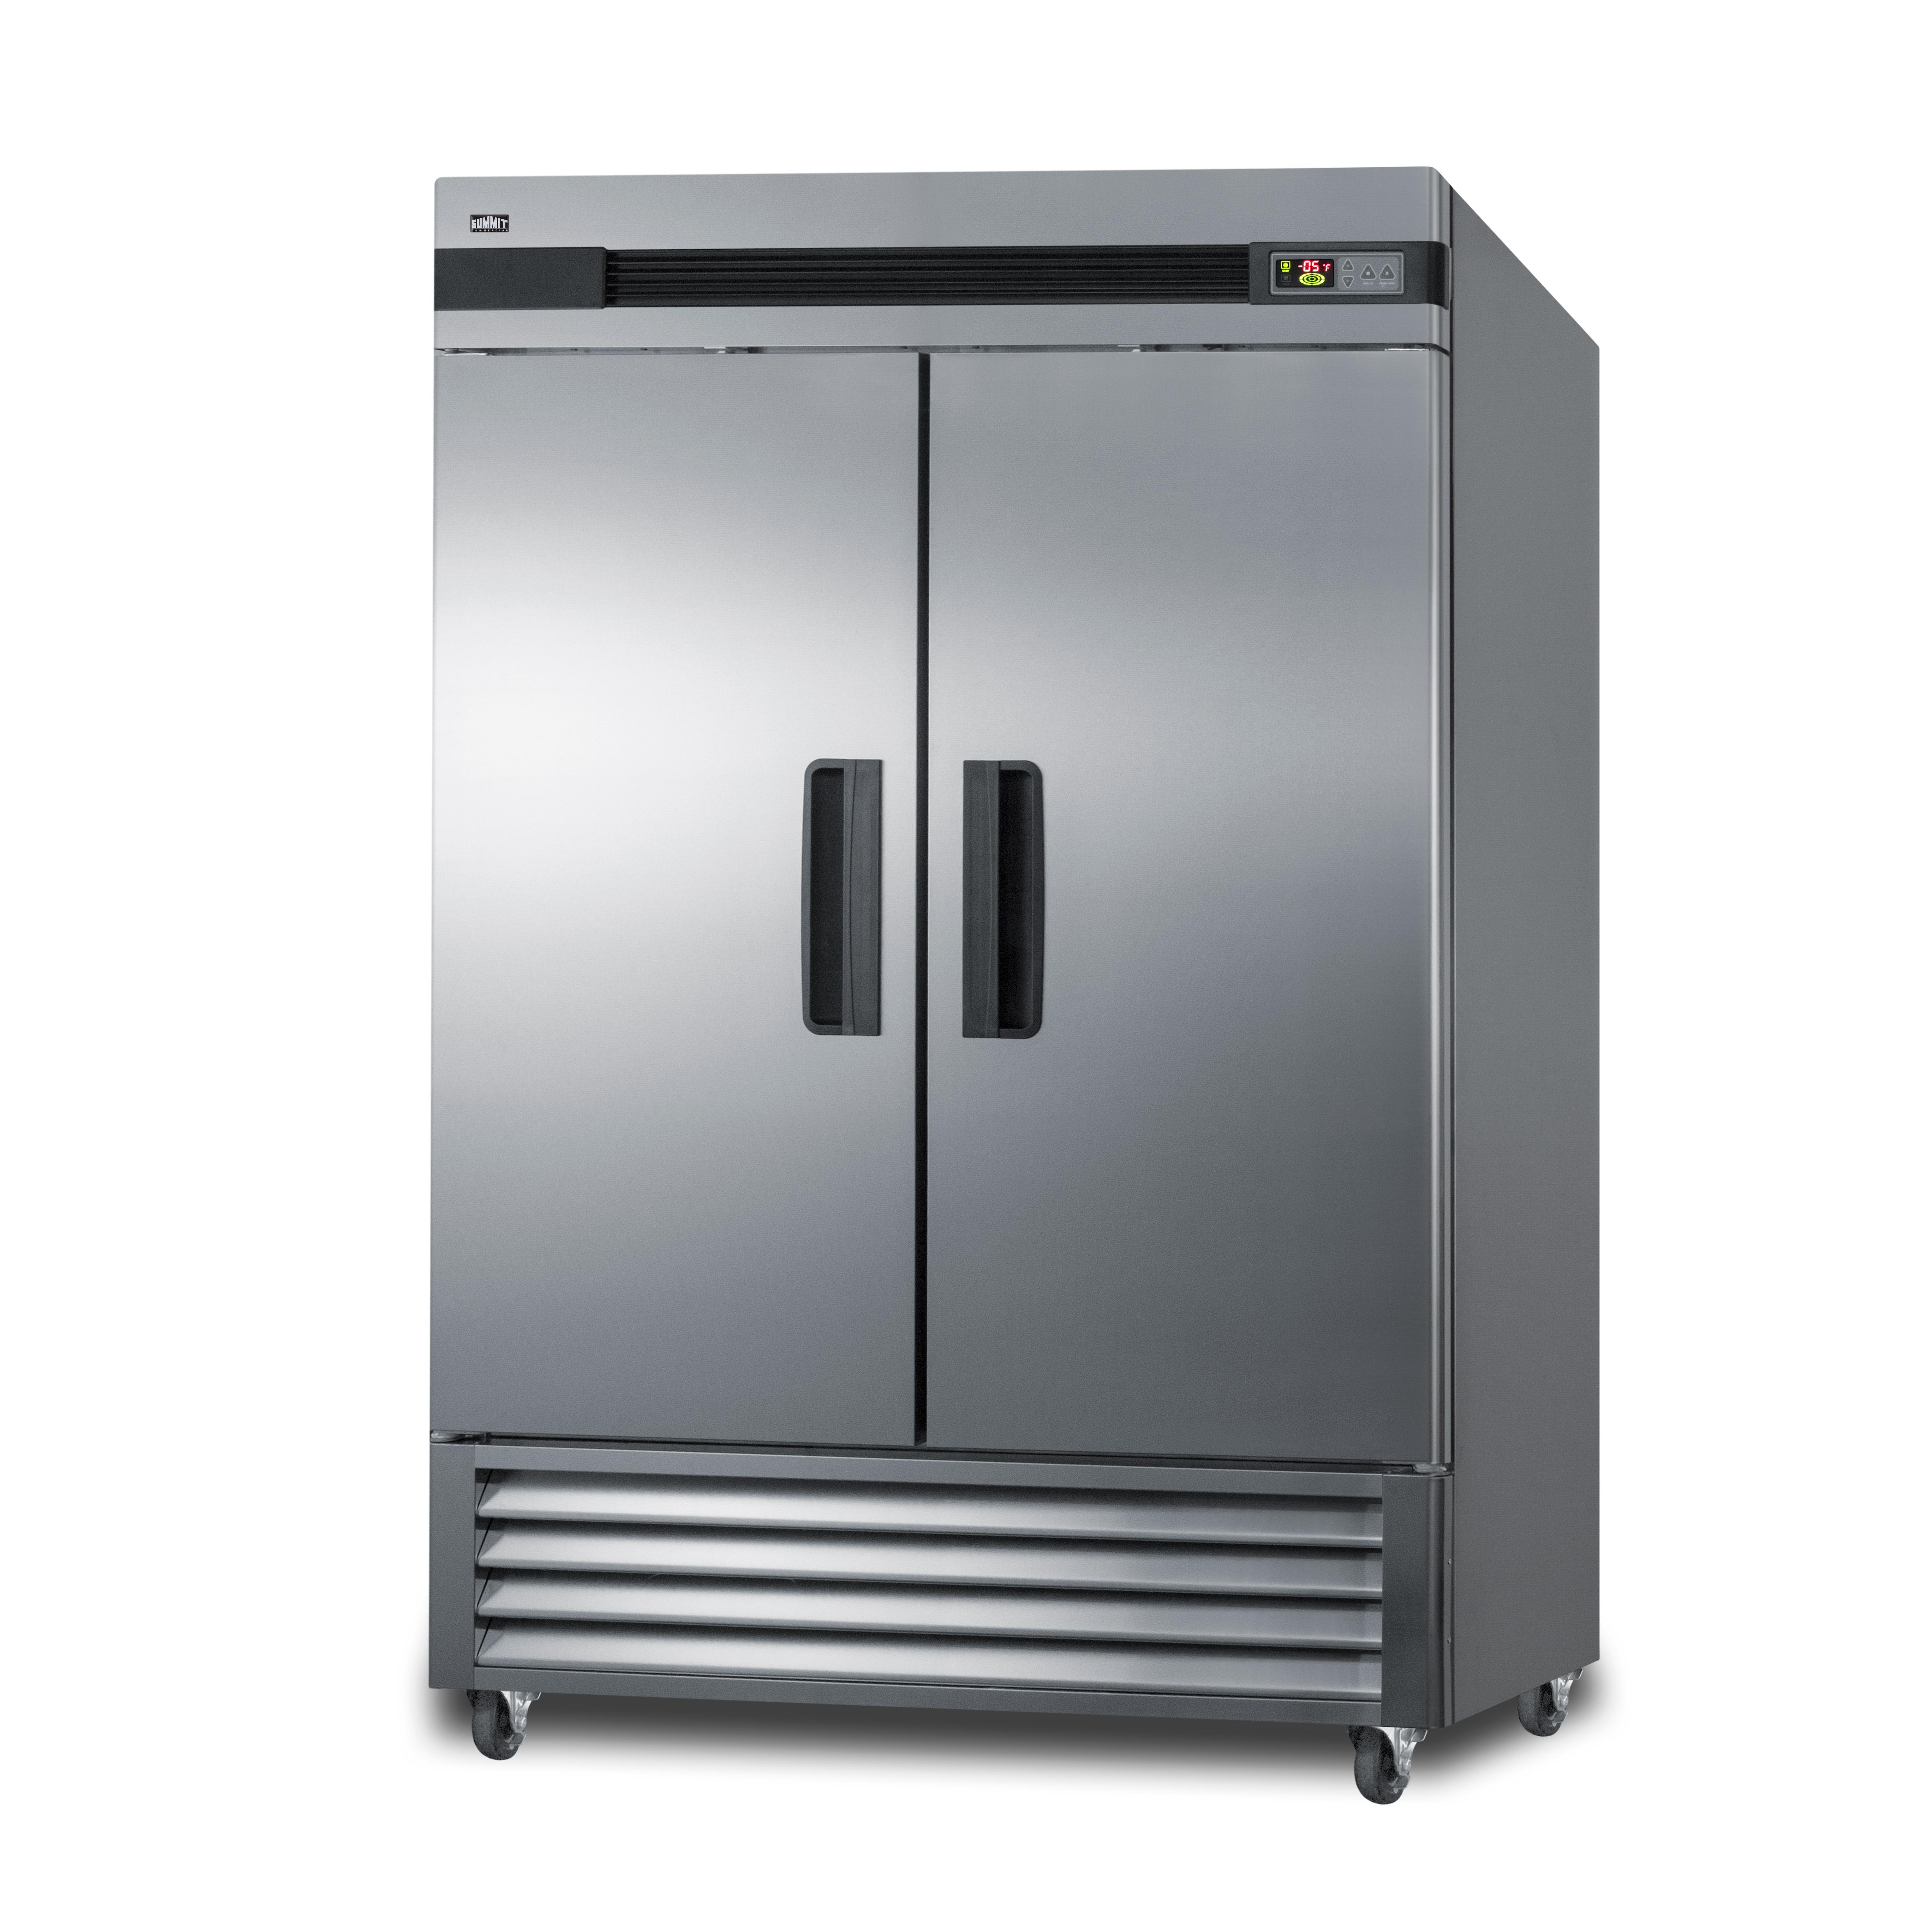 Summit Appliance SCFF497 freezer, reach-in